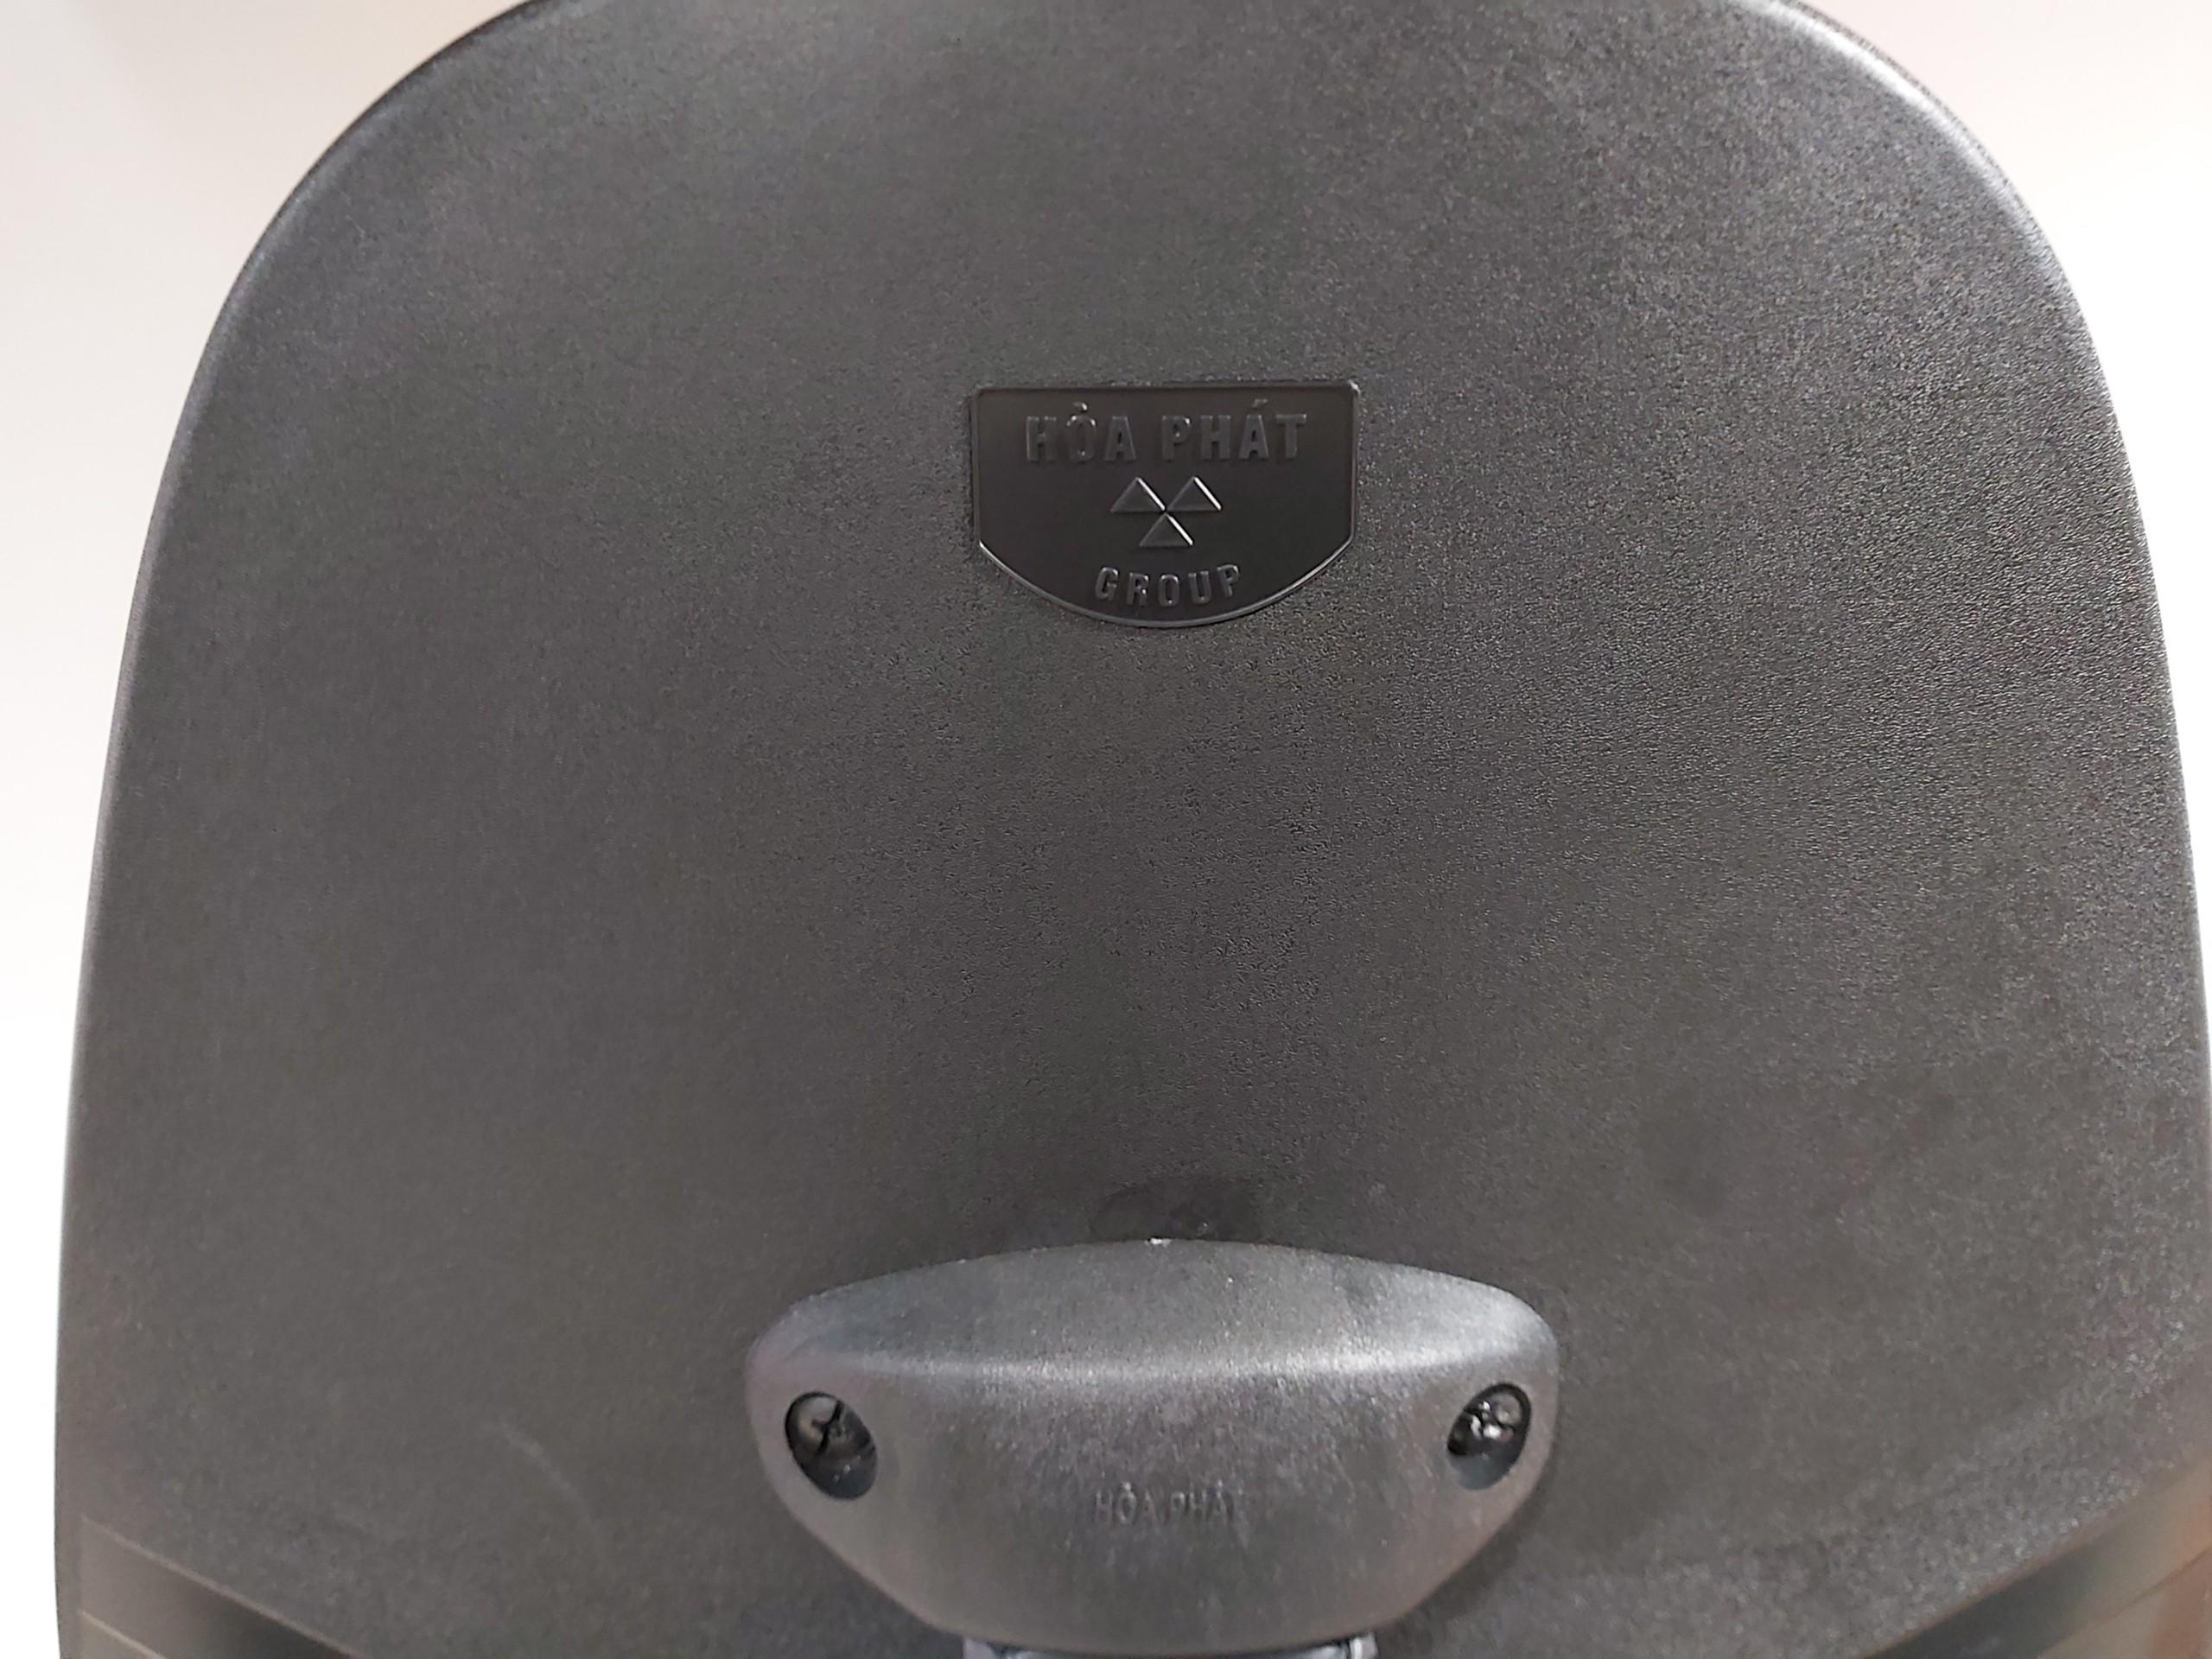 Ảnh cận cảnh phần tựa lưng ghế SG550 với logo Hòa Phát in liền khối